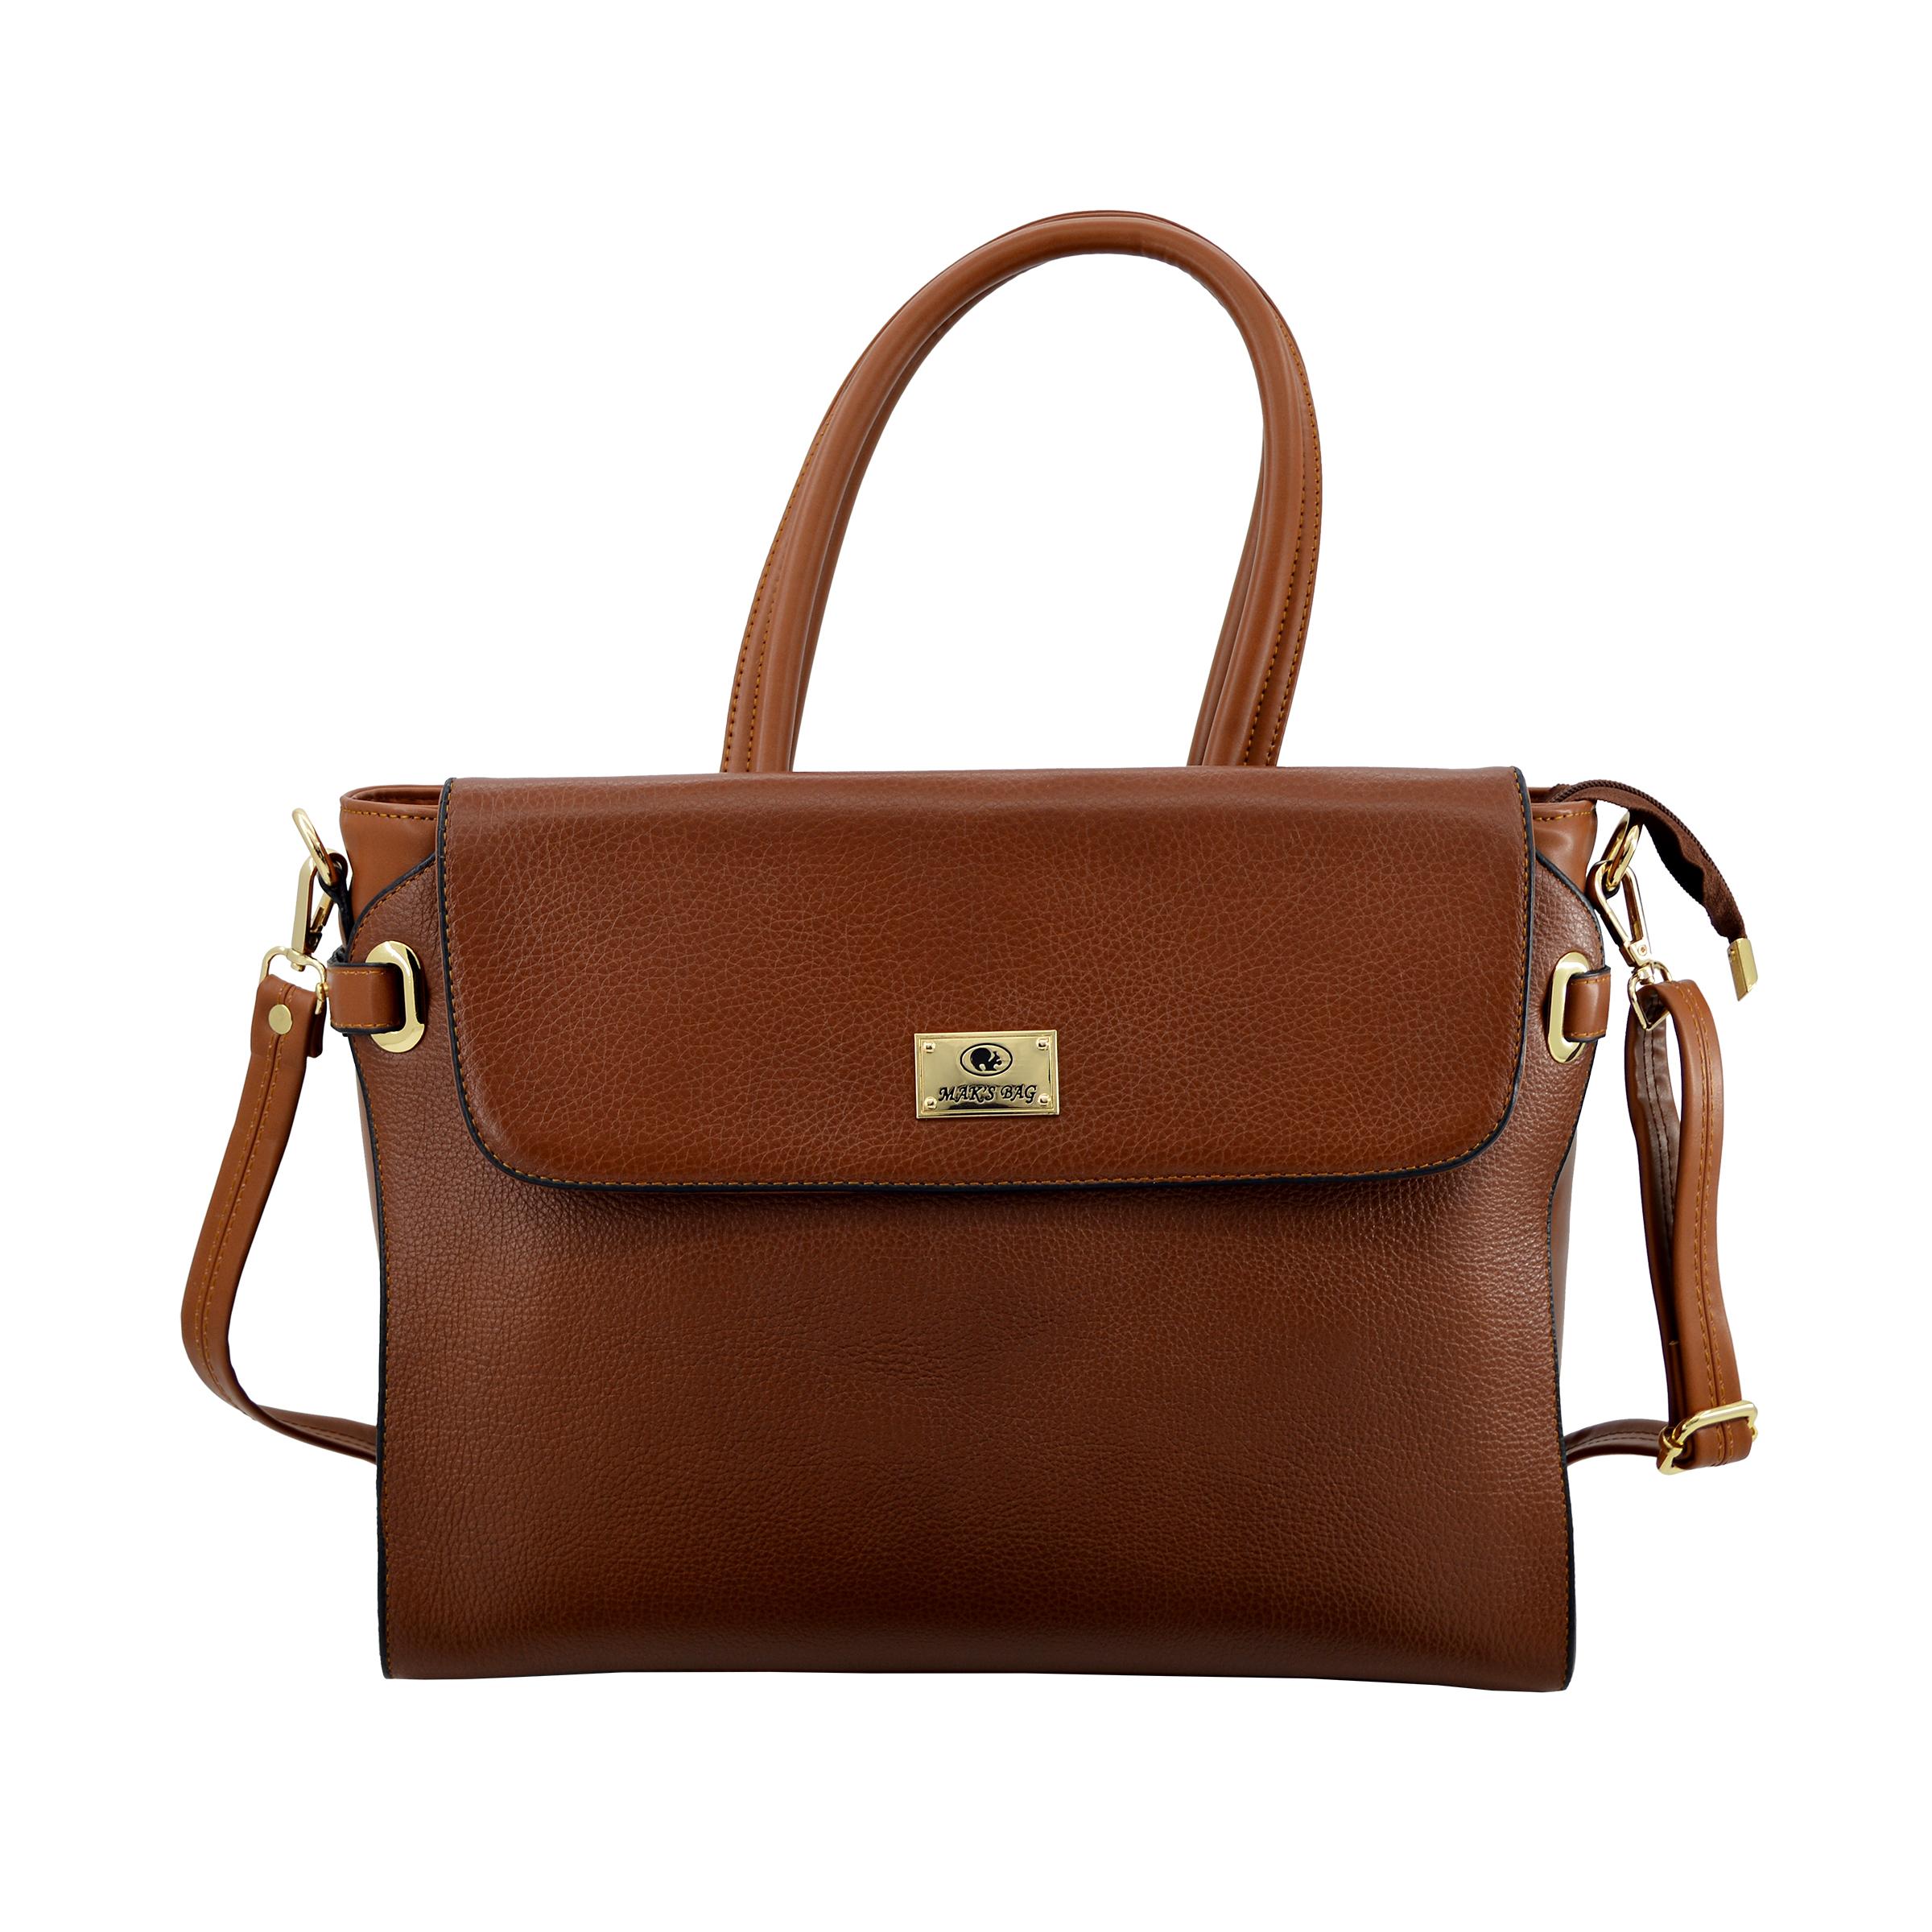 کیف دستی زنانه چرم مکس مدل آلدورا 11702